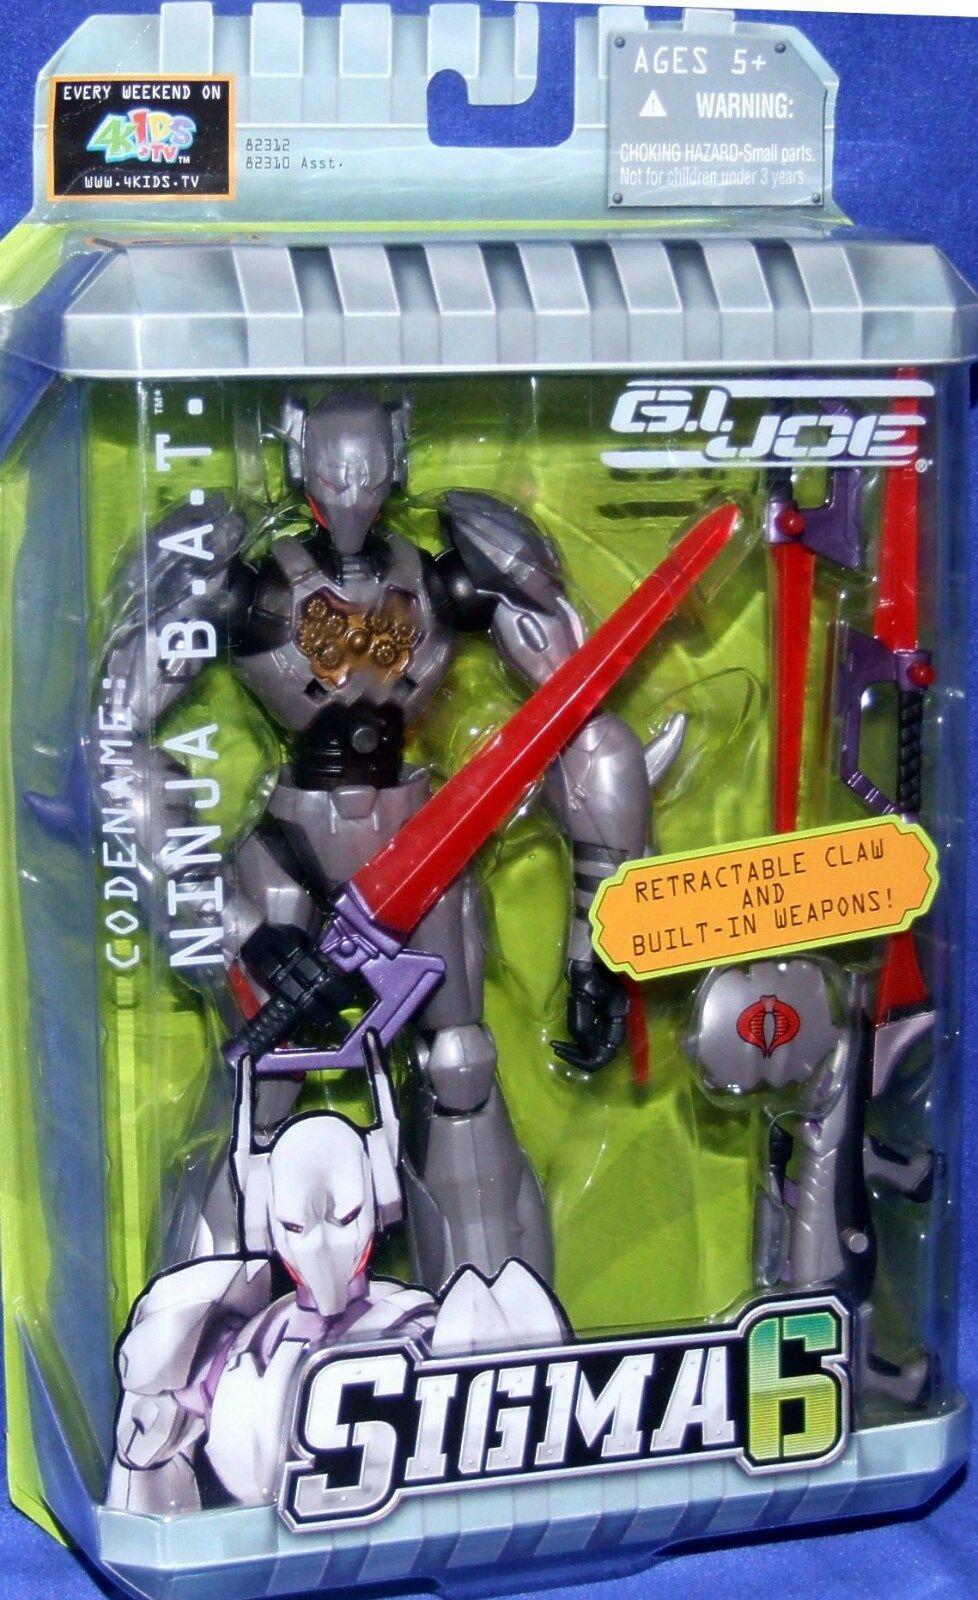 G.I. Joe Sigma 6 Cobra 8